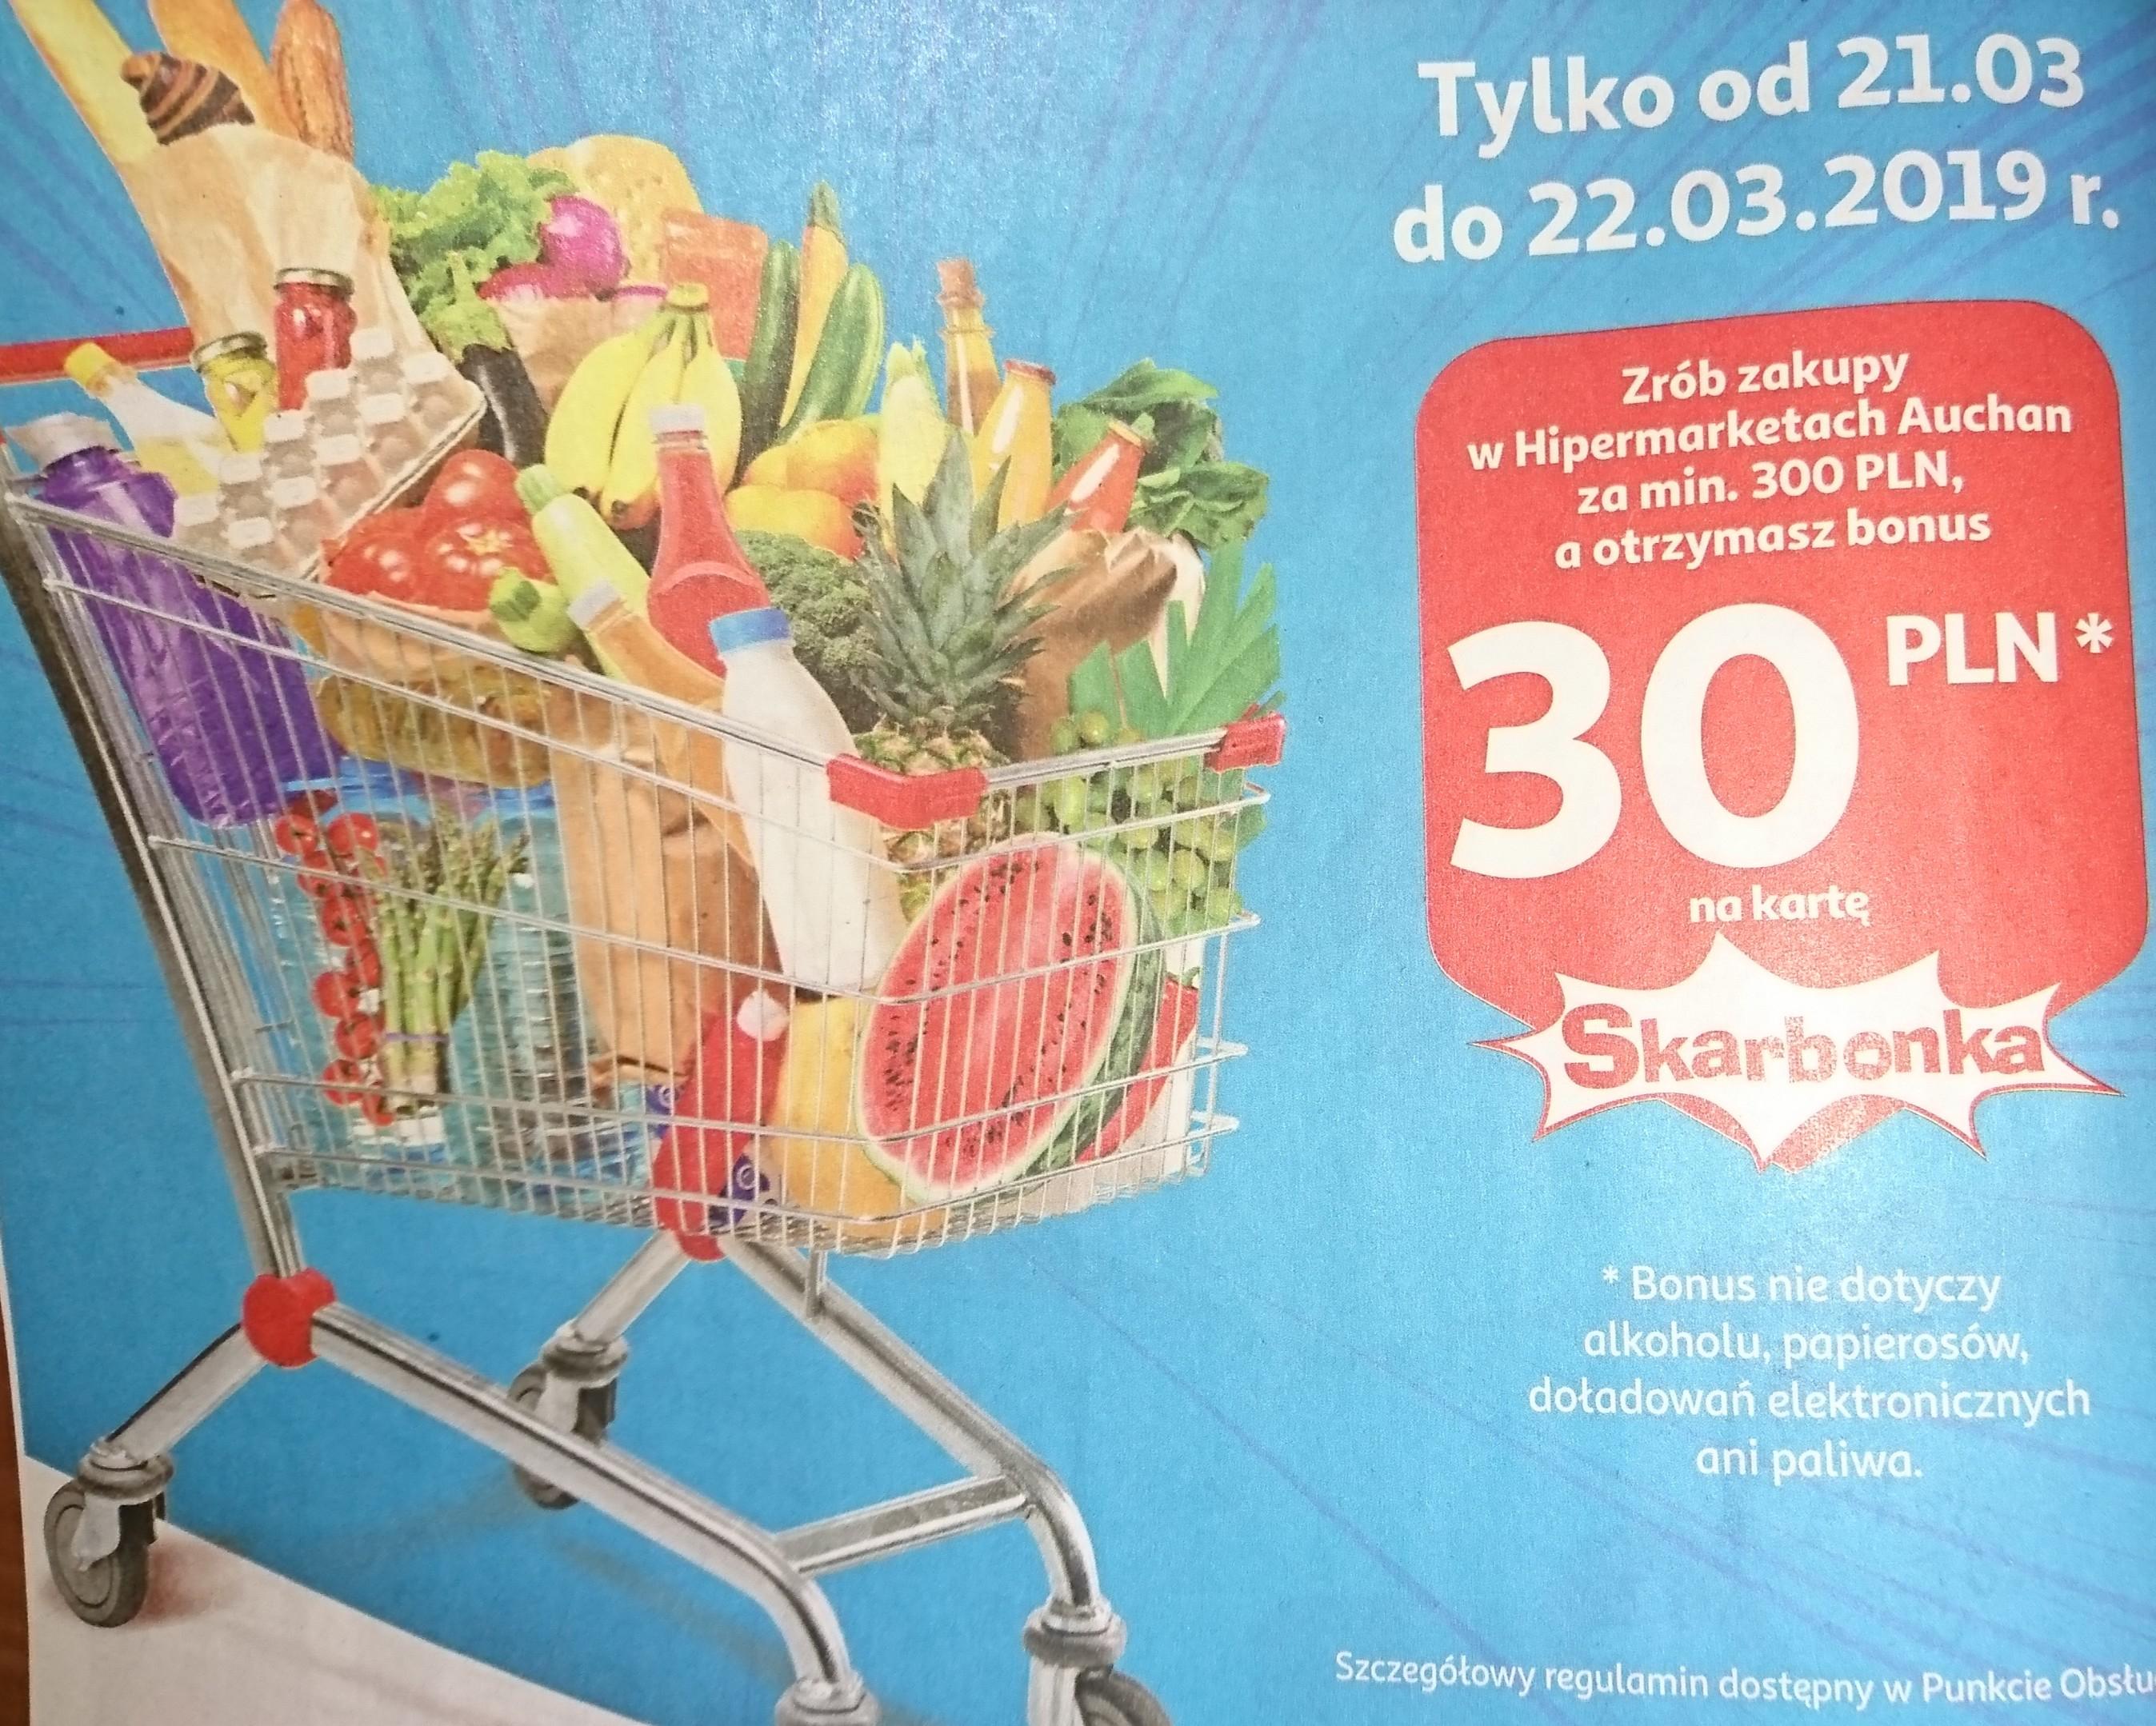 Auchan 30 zł na kartę Skarbonka - MWZ 300 zł